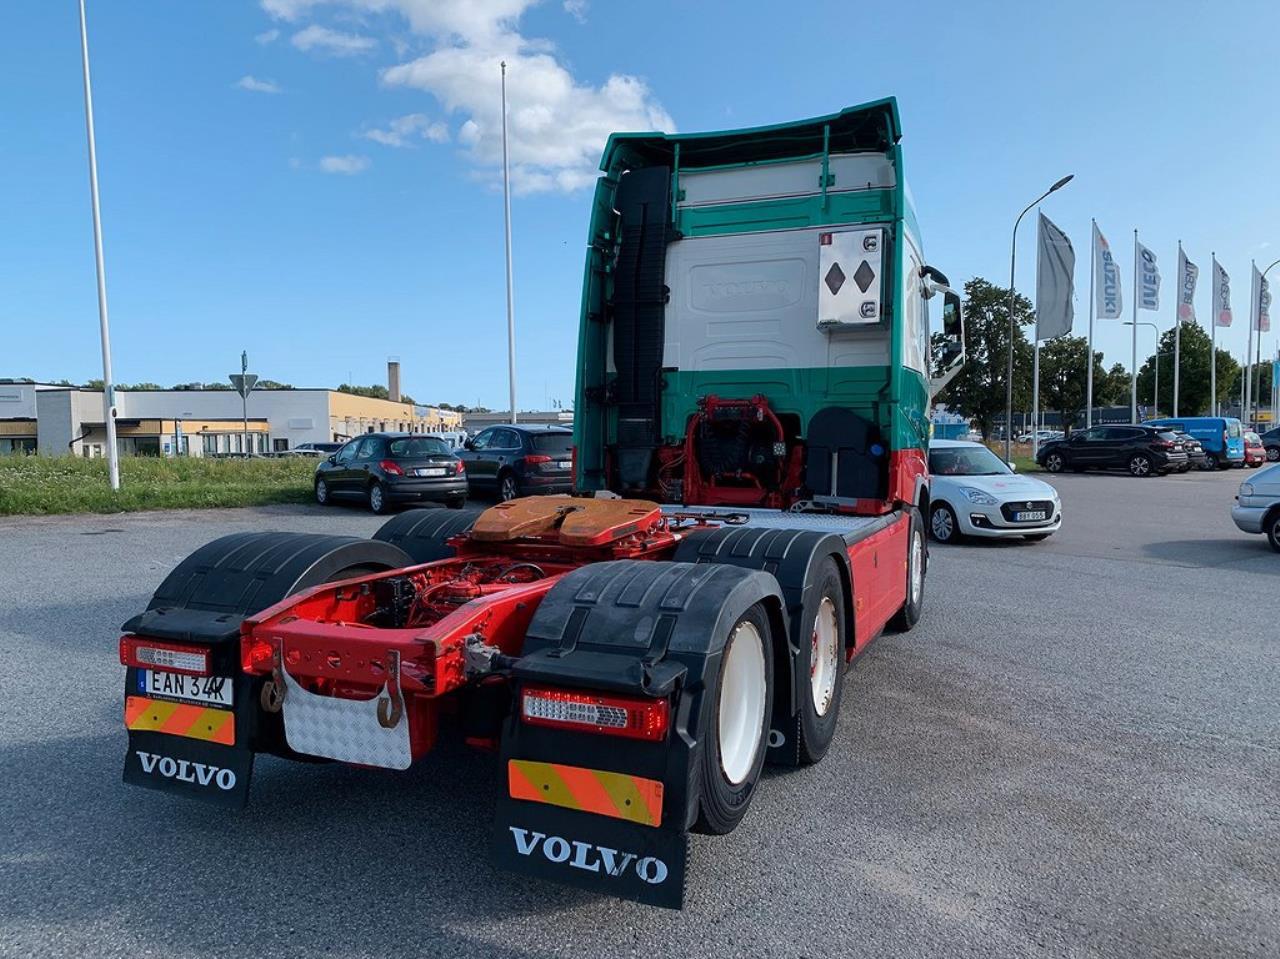 Volvo FH13 540 6x2 ADR Dragbil Euro 6 2014 - Dragbil